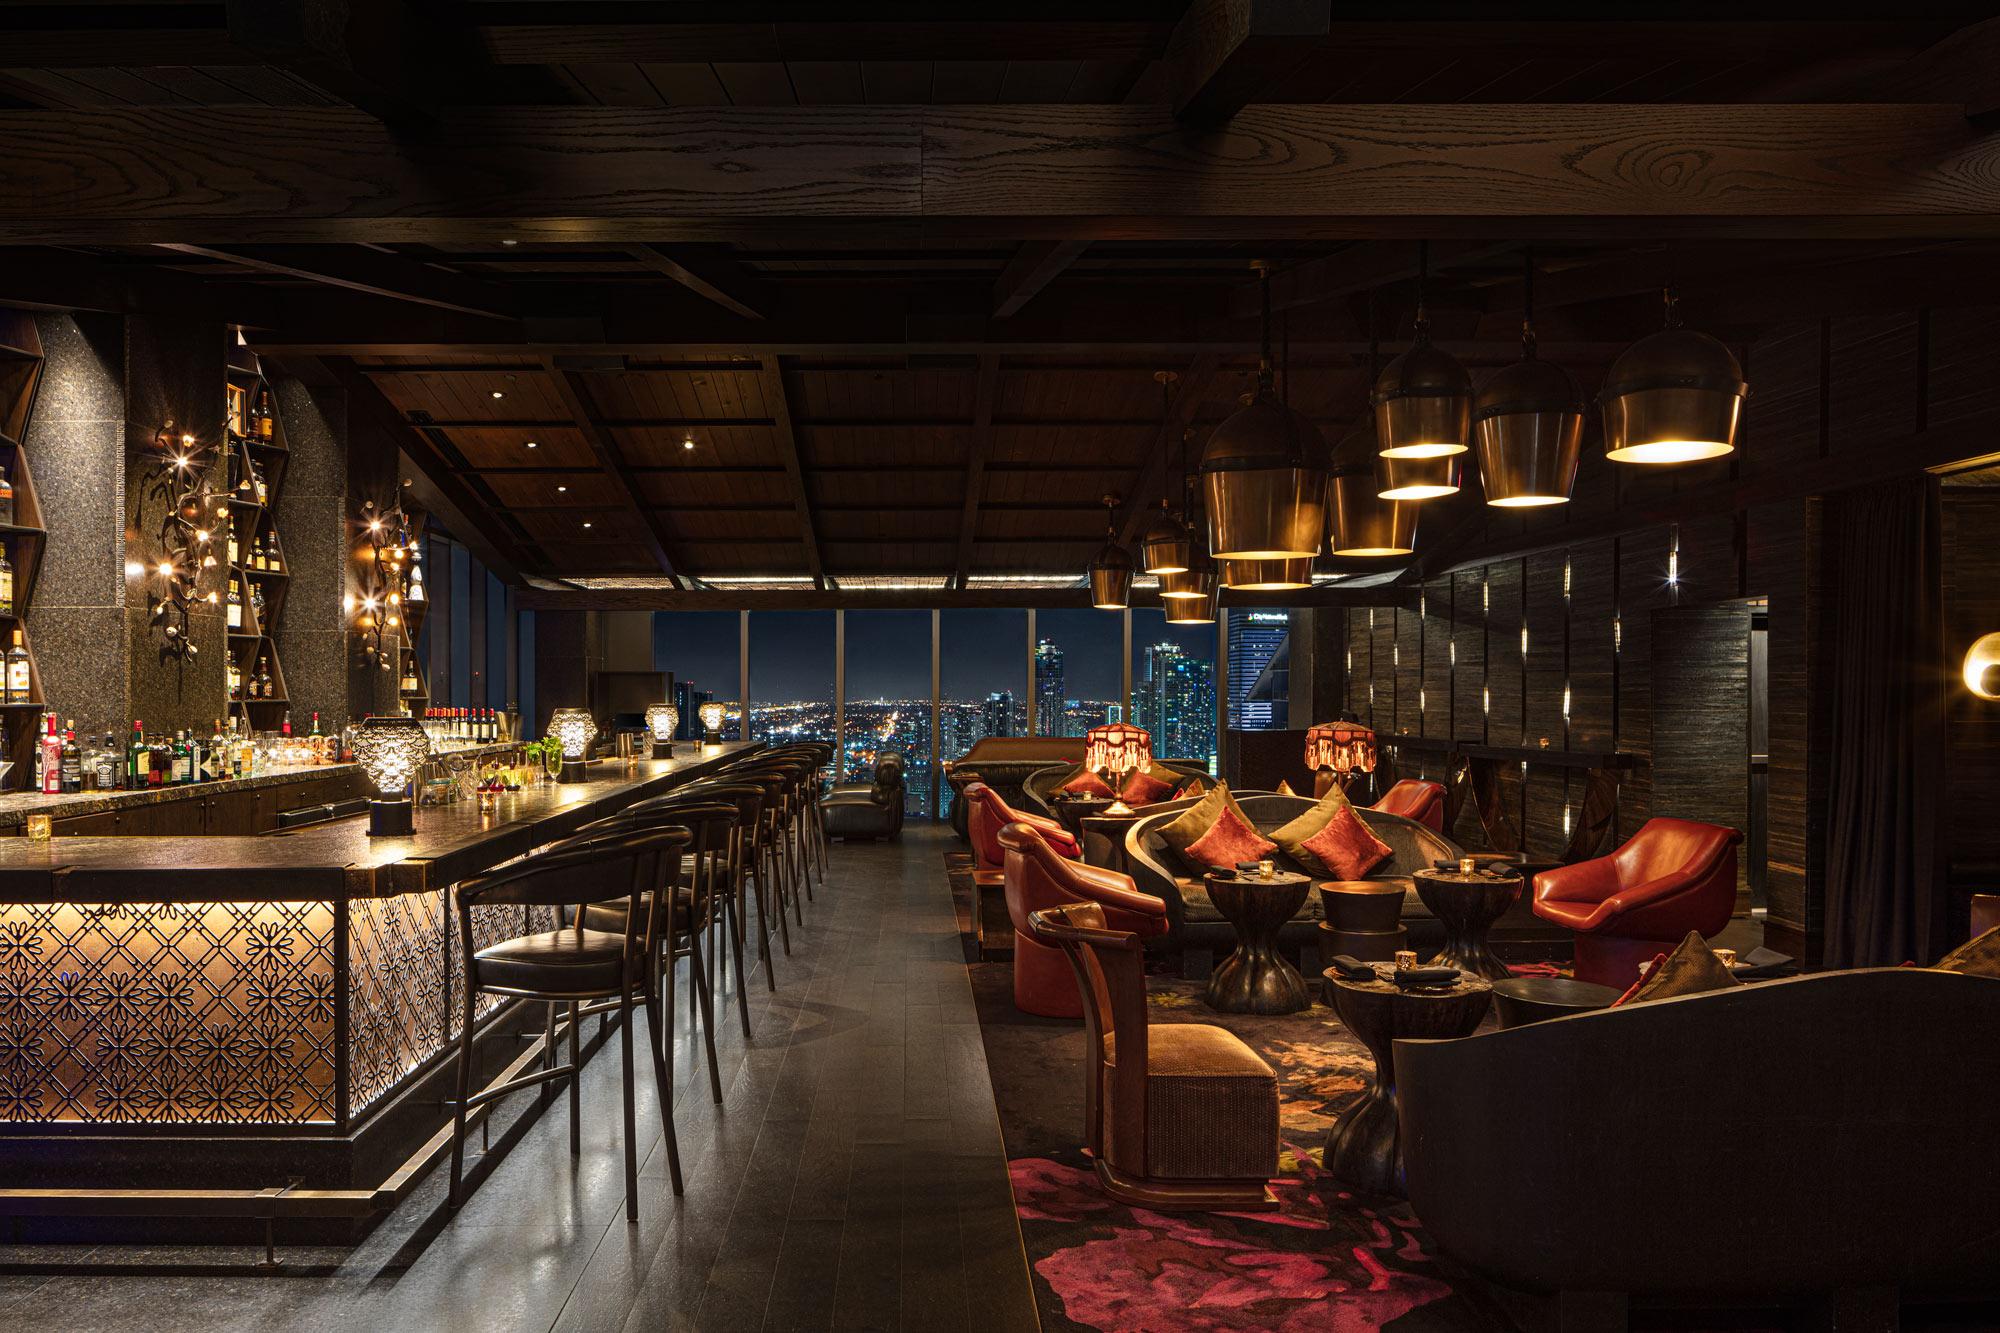 Hotel Restaurant Fotografie Luxus Hotel und Resortfotograf Hilton, Hyatt Adrian Kilchherr Schweiz Deutschland Weltweit